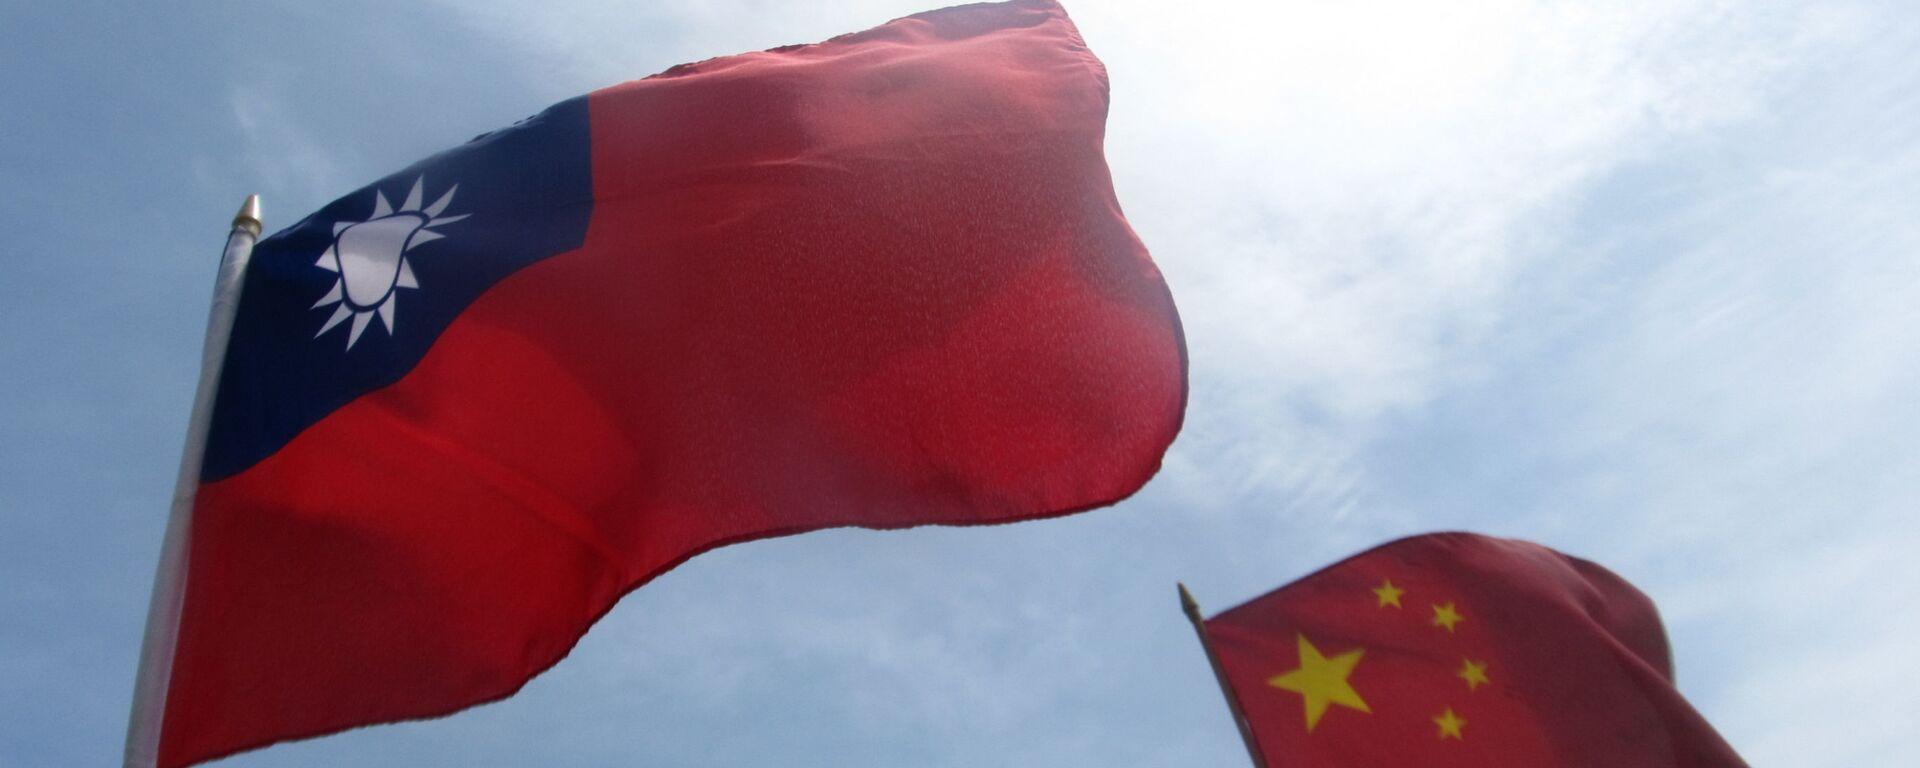 Cờ của Đài Loan và Trung Quốc - Sputnik Việt Nam, 1920, 14.08.2021